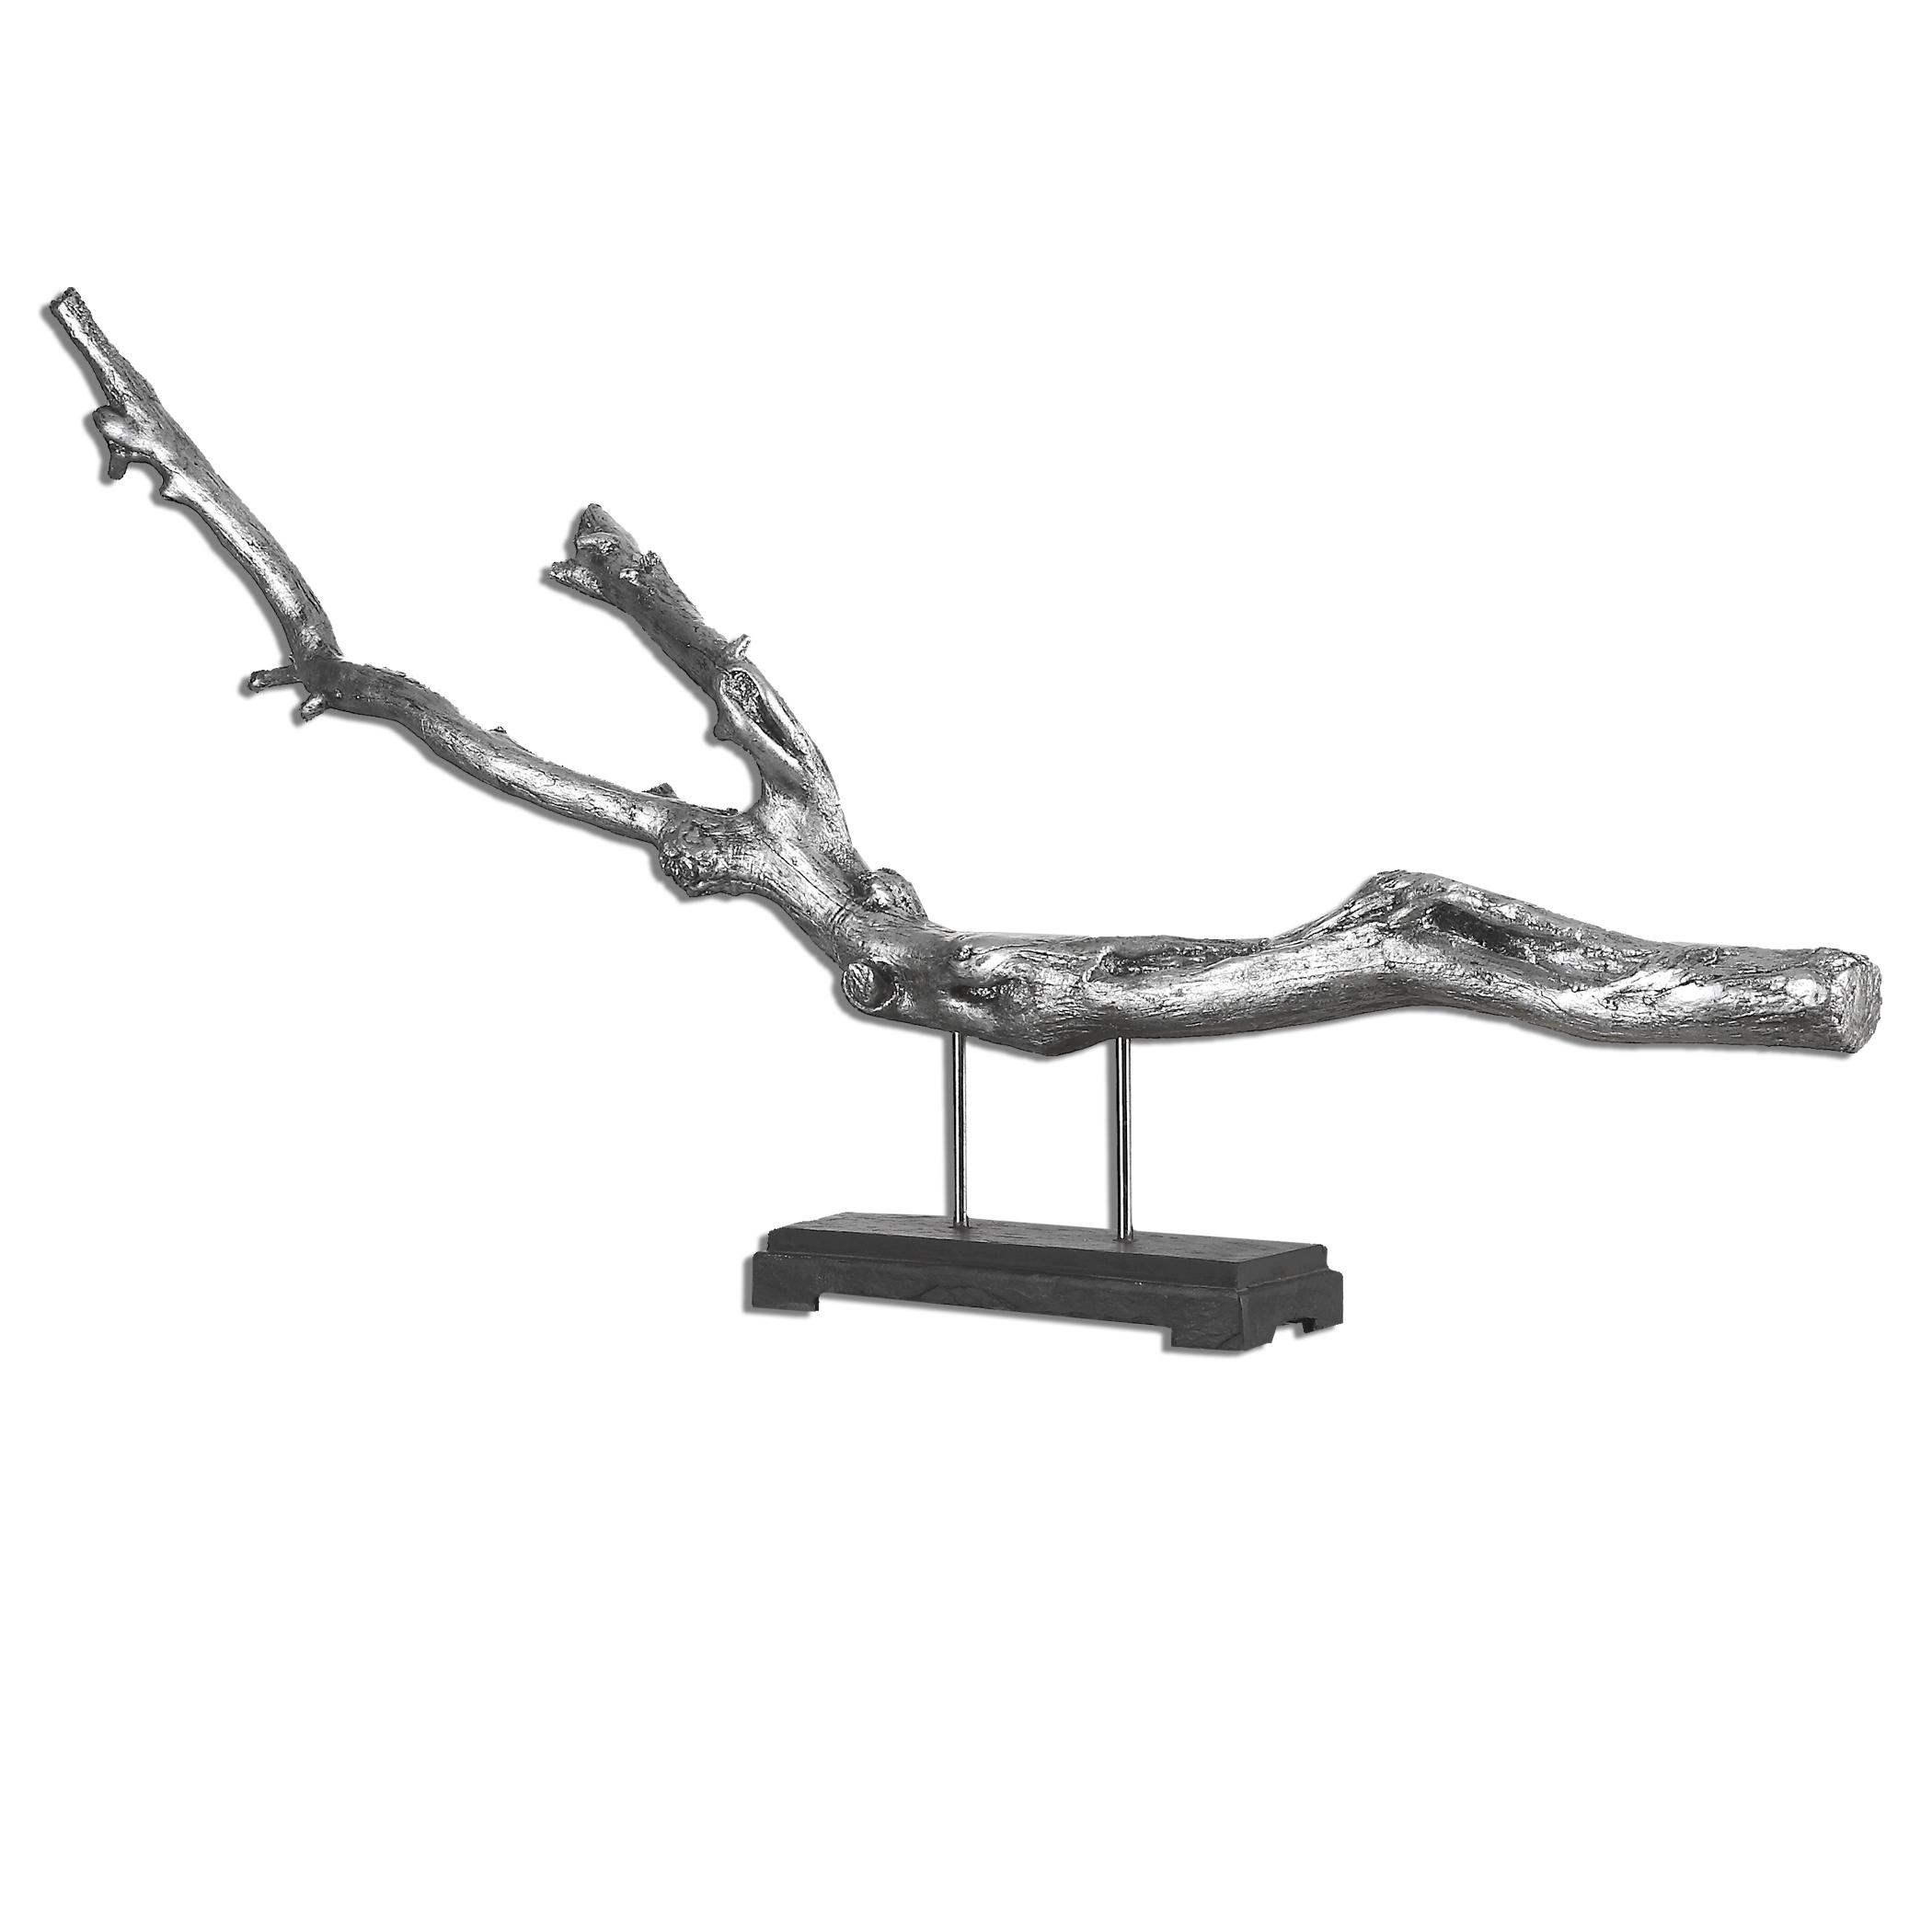 Becan Driftwood Sculpture